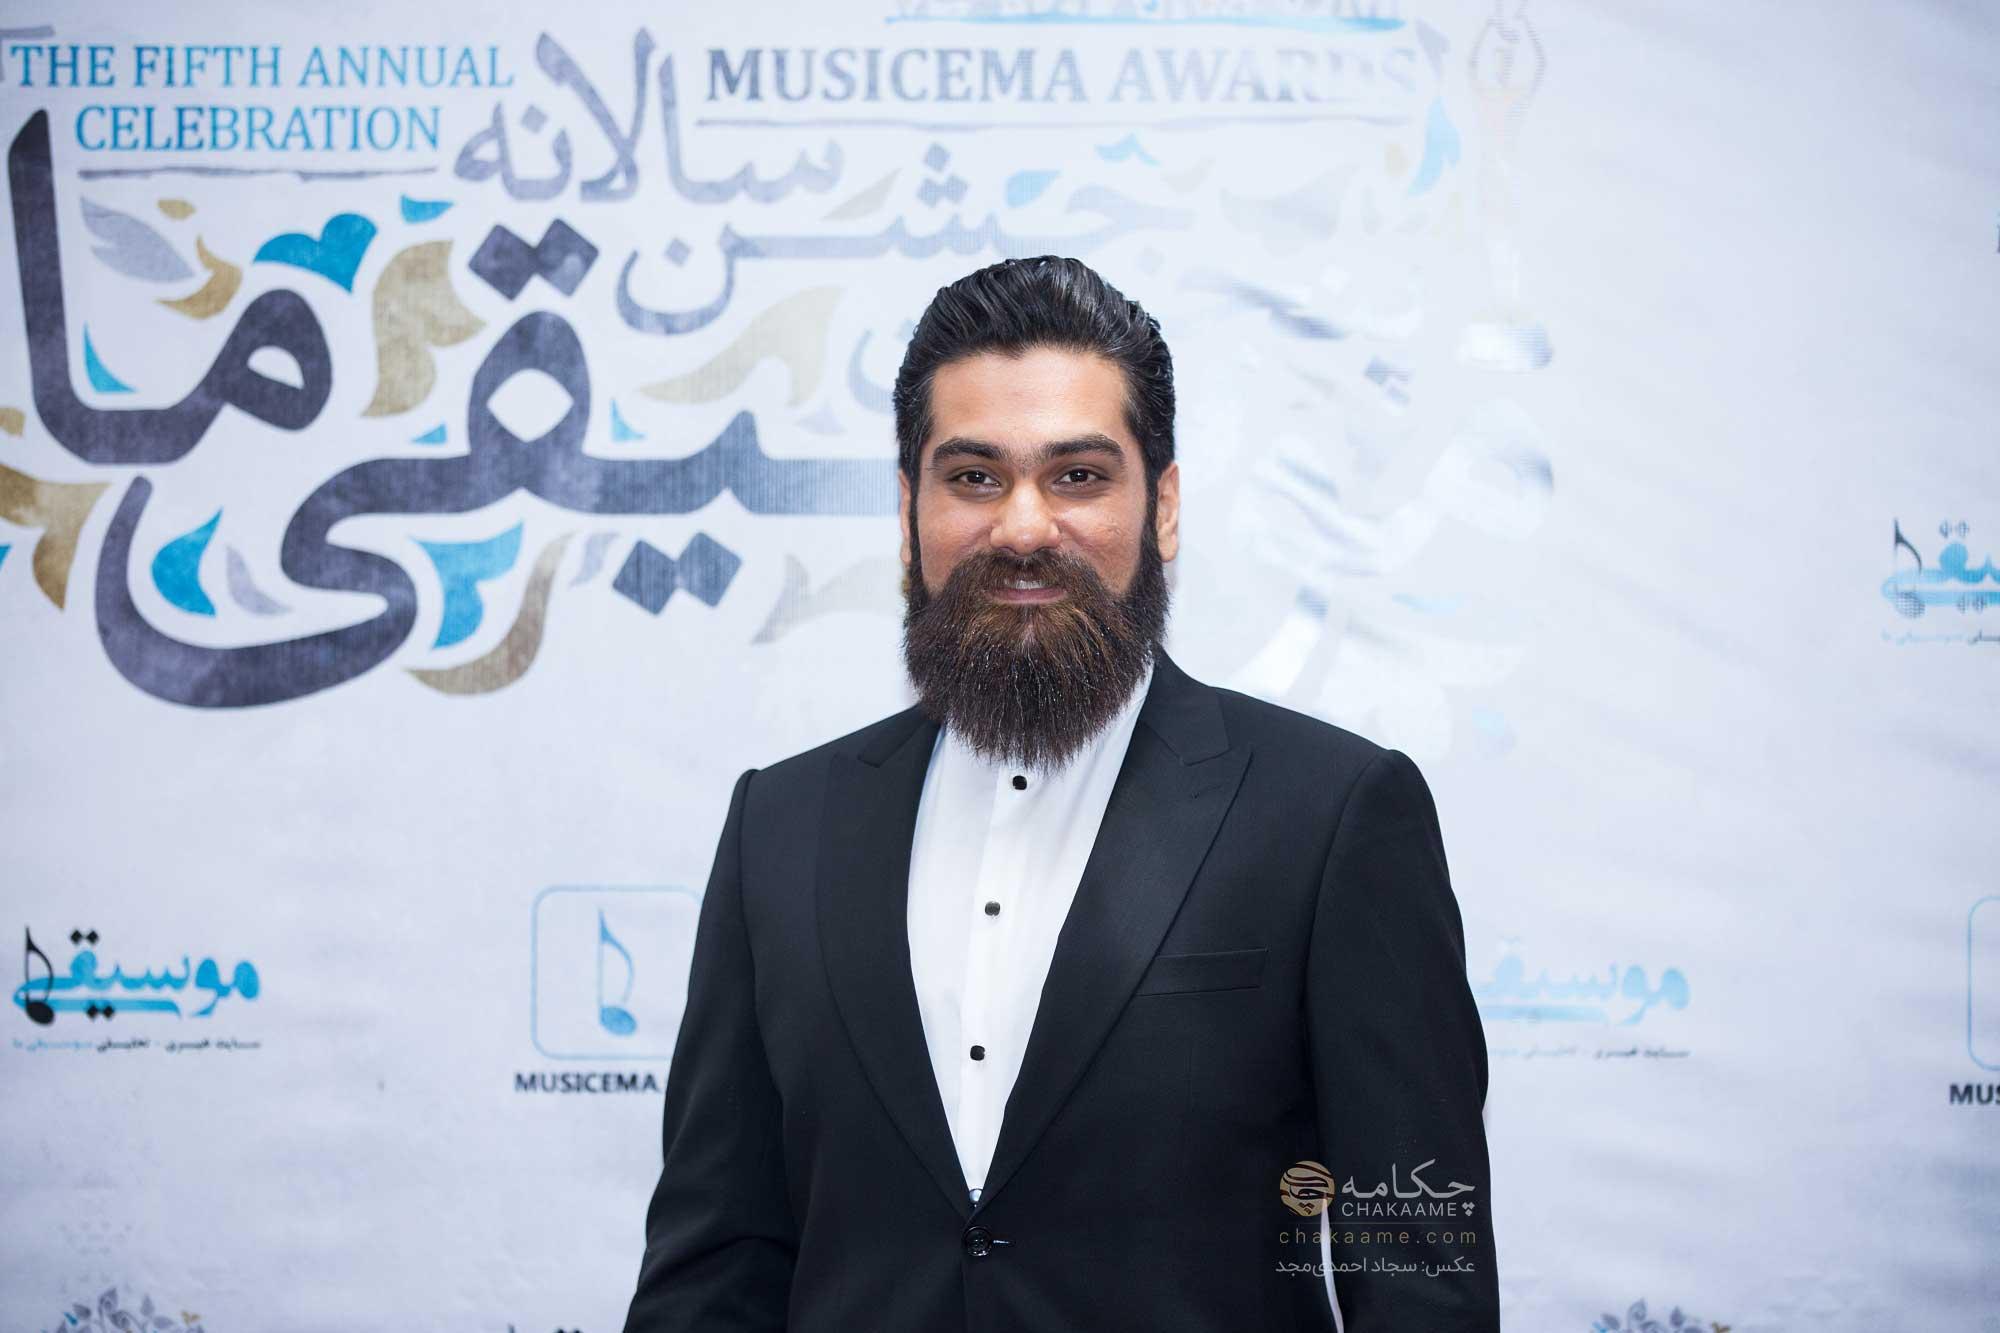 علی زند وکیلی - پنجمین جشن سالانه موسیقی ما